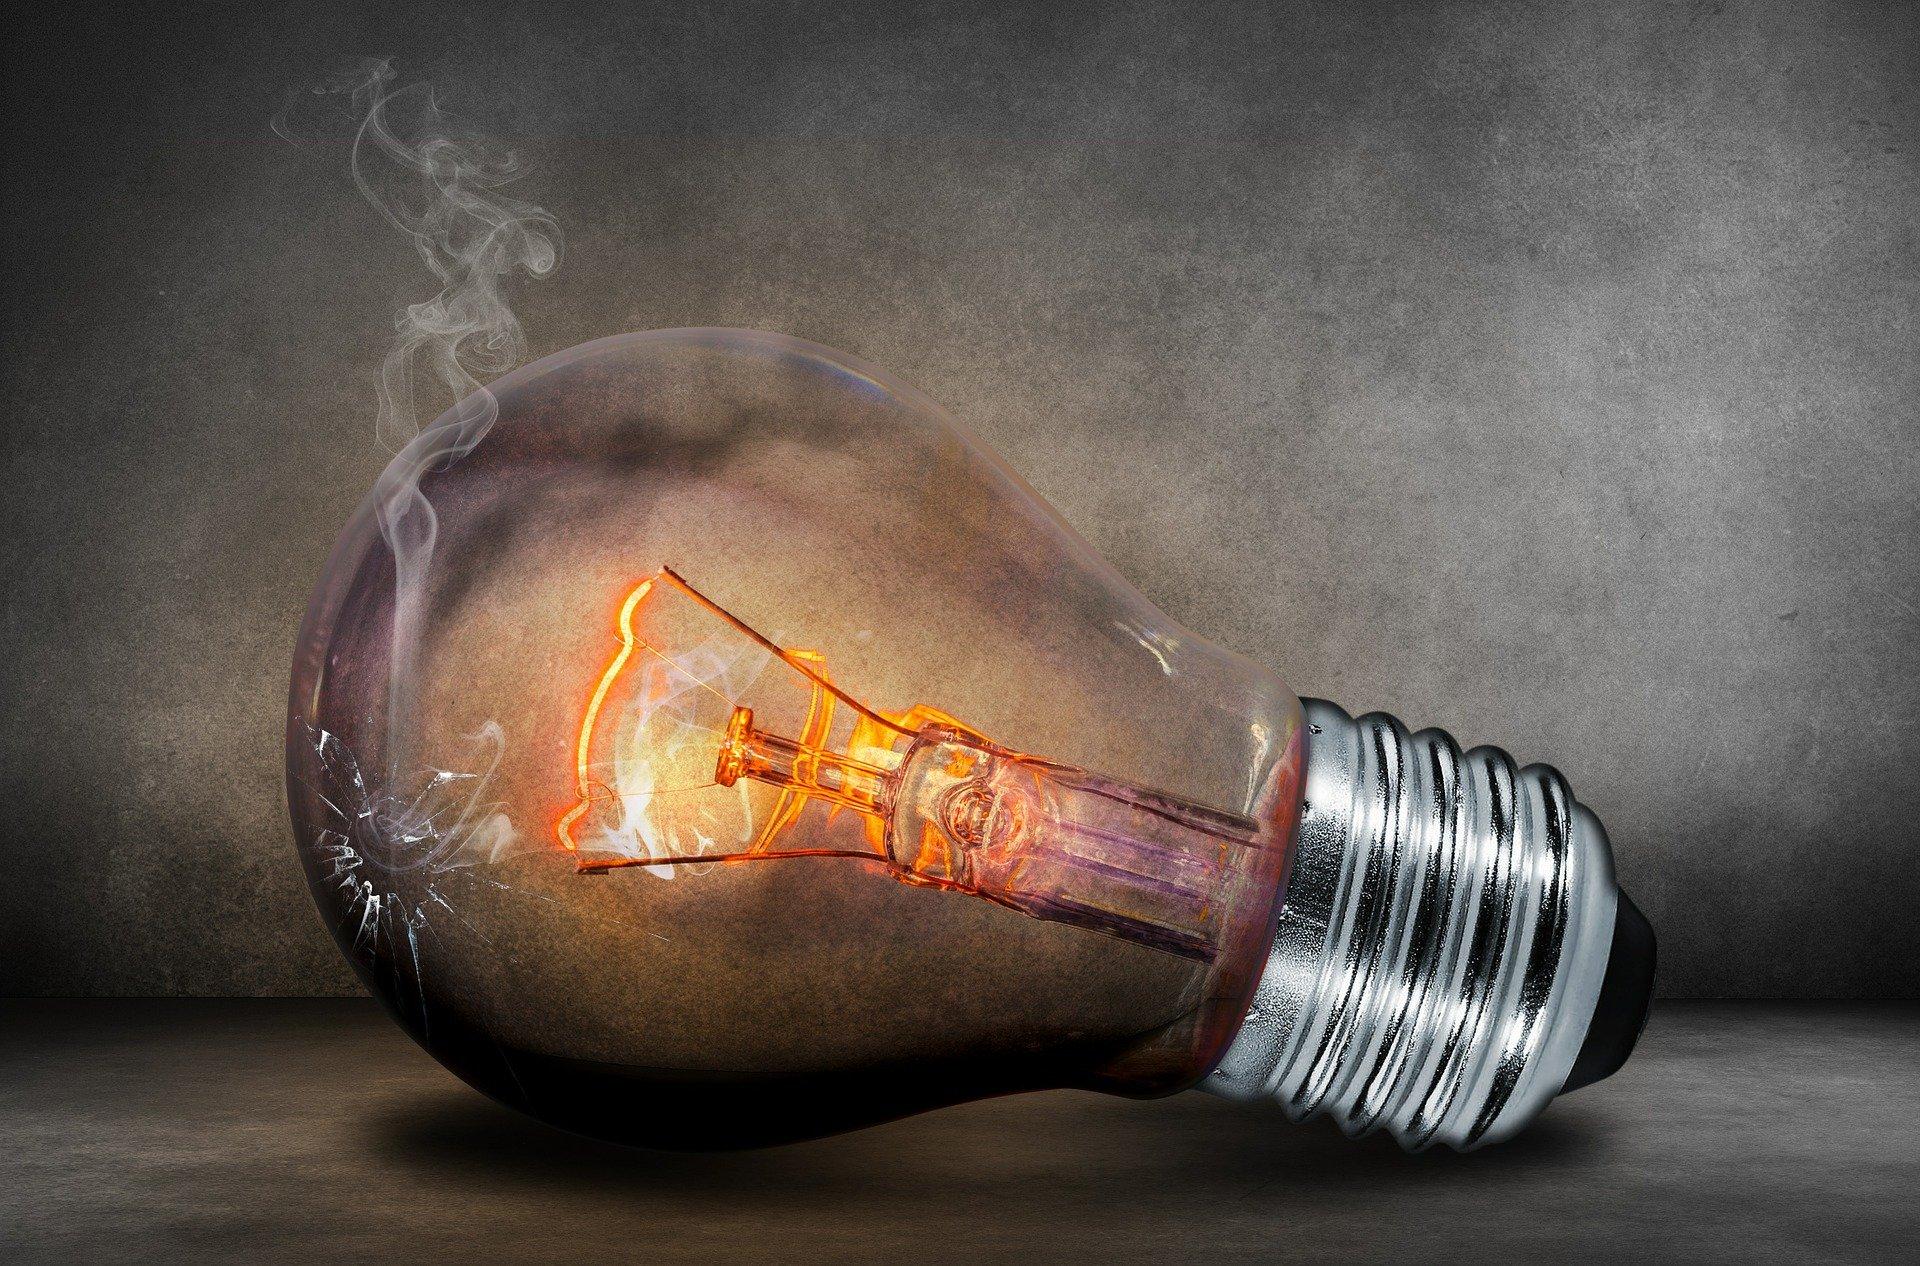 Autoconsumo factura de la luz